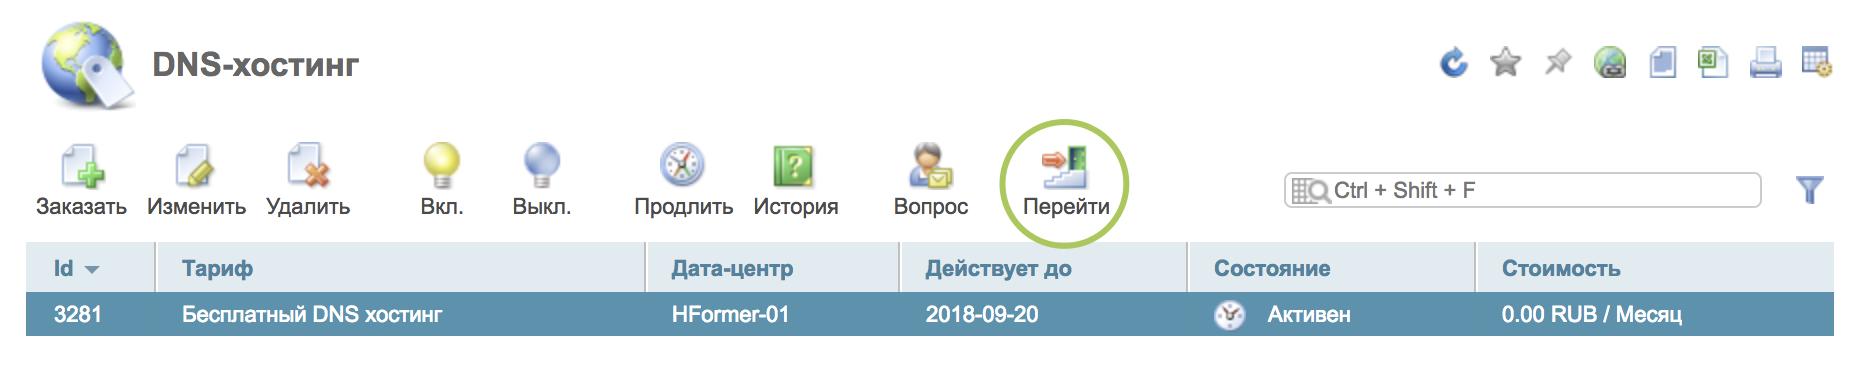 Настройка DNS-хостинга 6